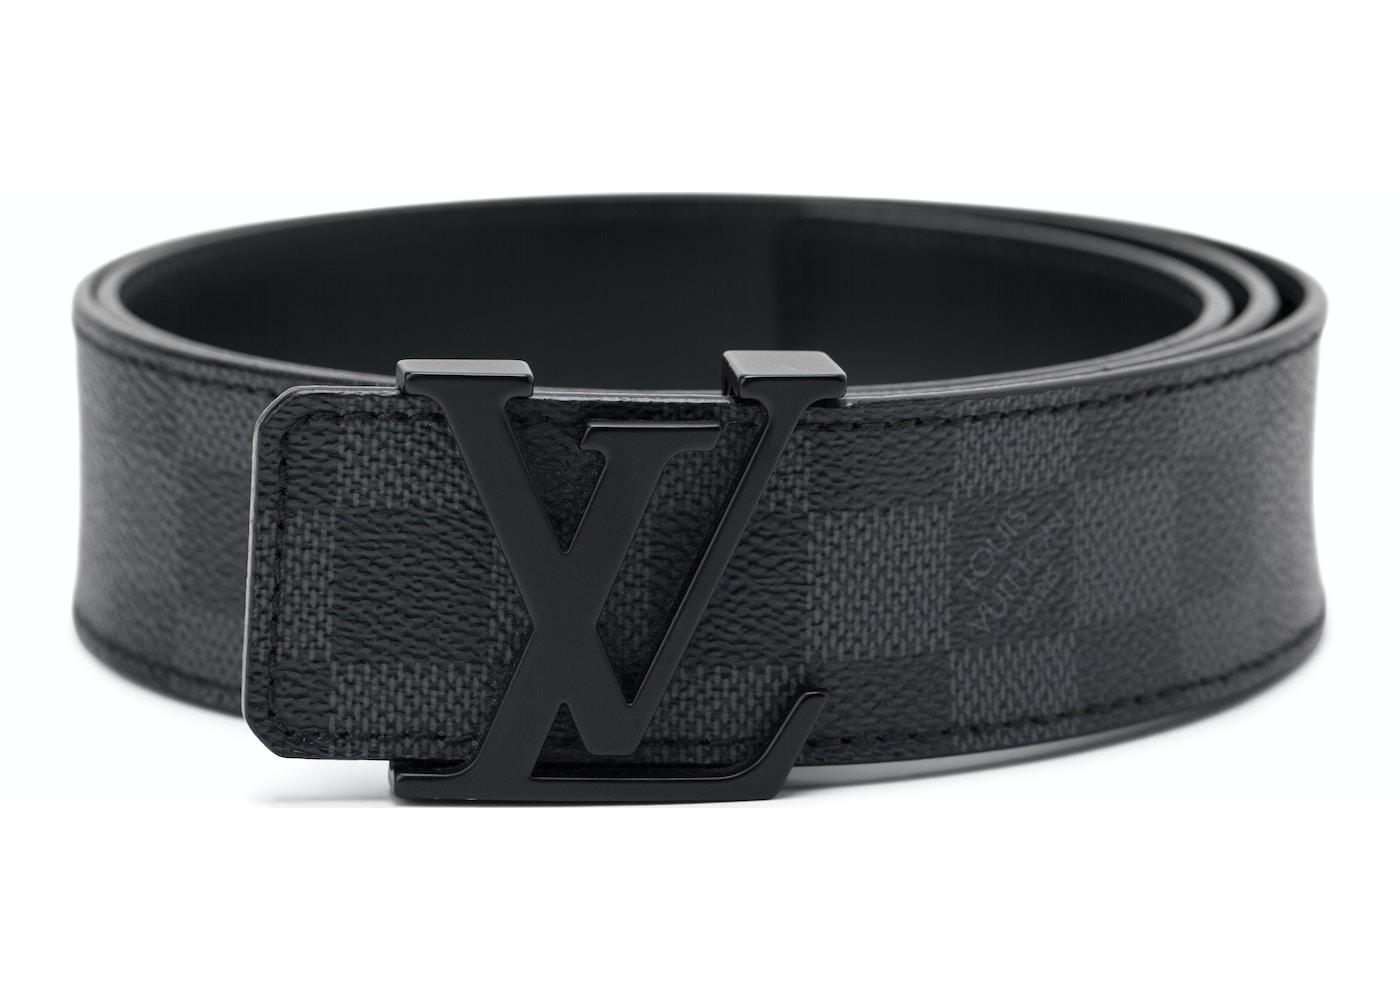 f594dcf66865 Louis Vuitton Belt Initiales Damier Graphite Black Grey. Damier Graphite  Black Grey